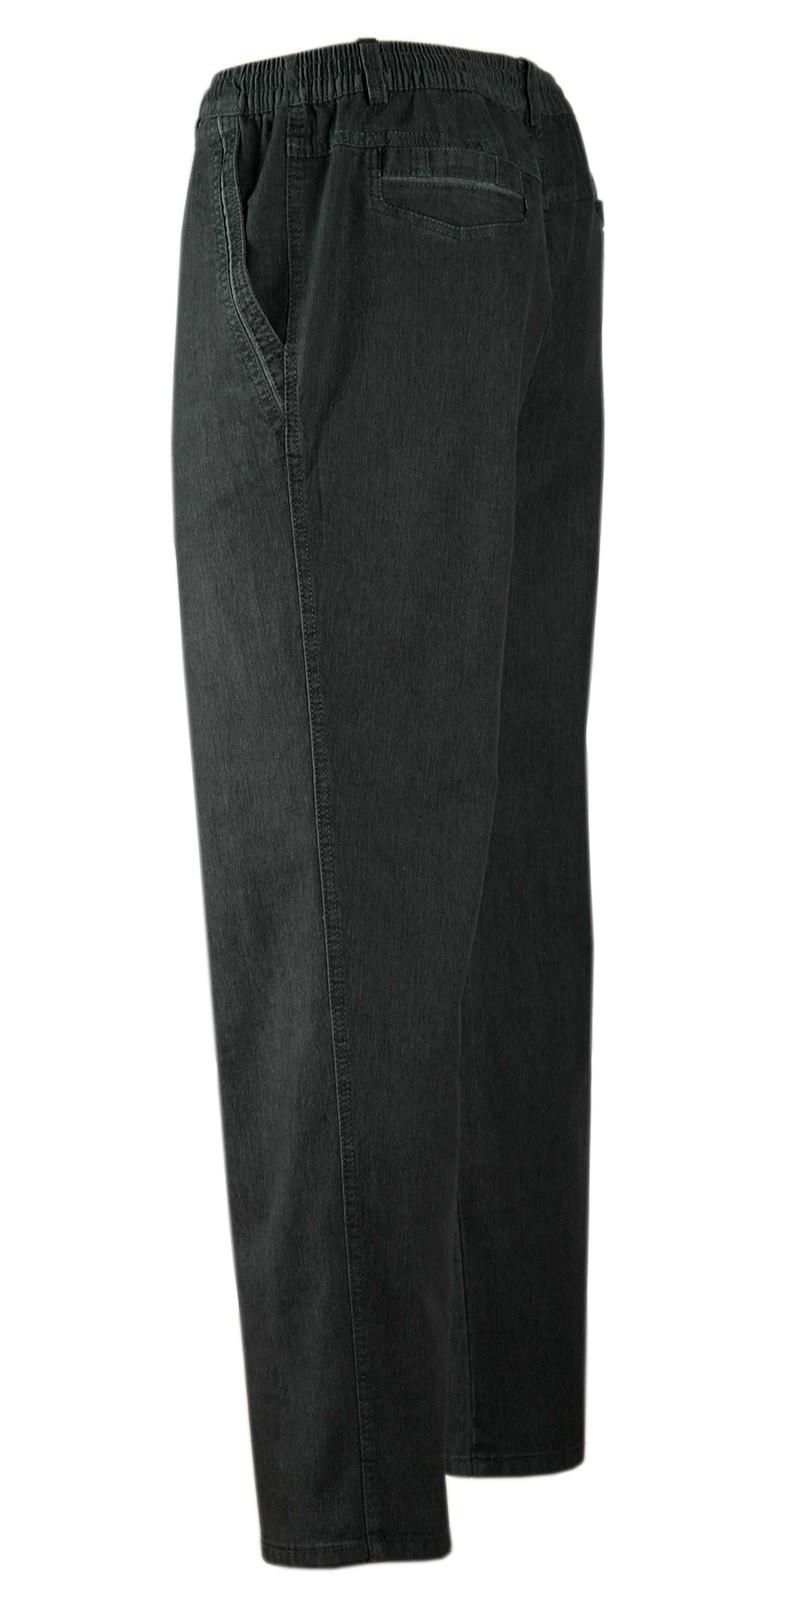 Herren Jeans Stretch Schlupfhose Schlupfjeans ohne Cargo-Taschen schwarz